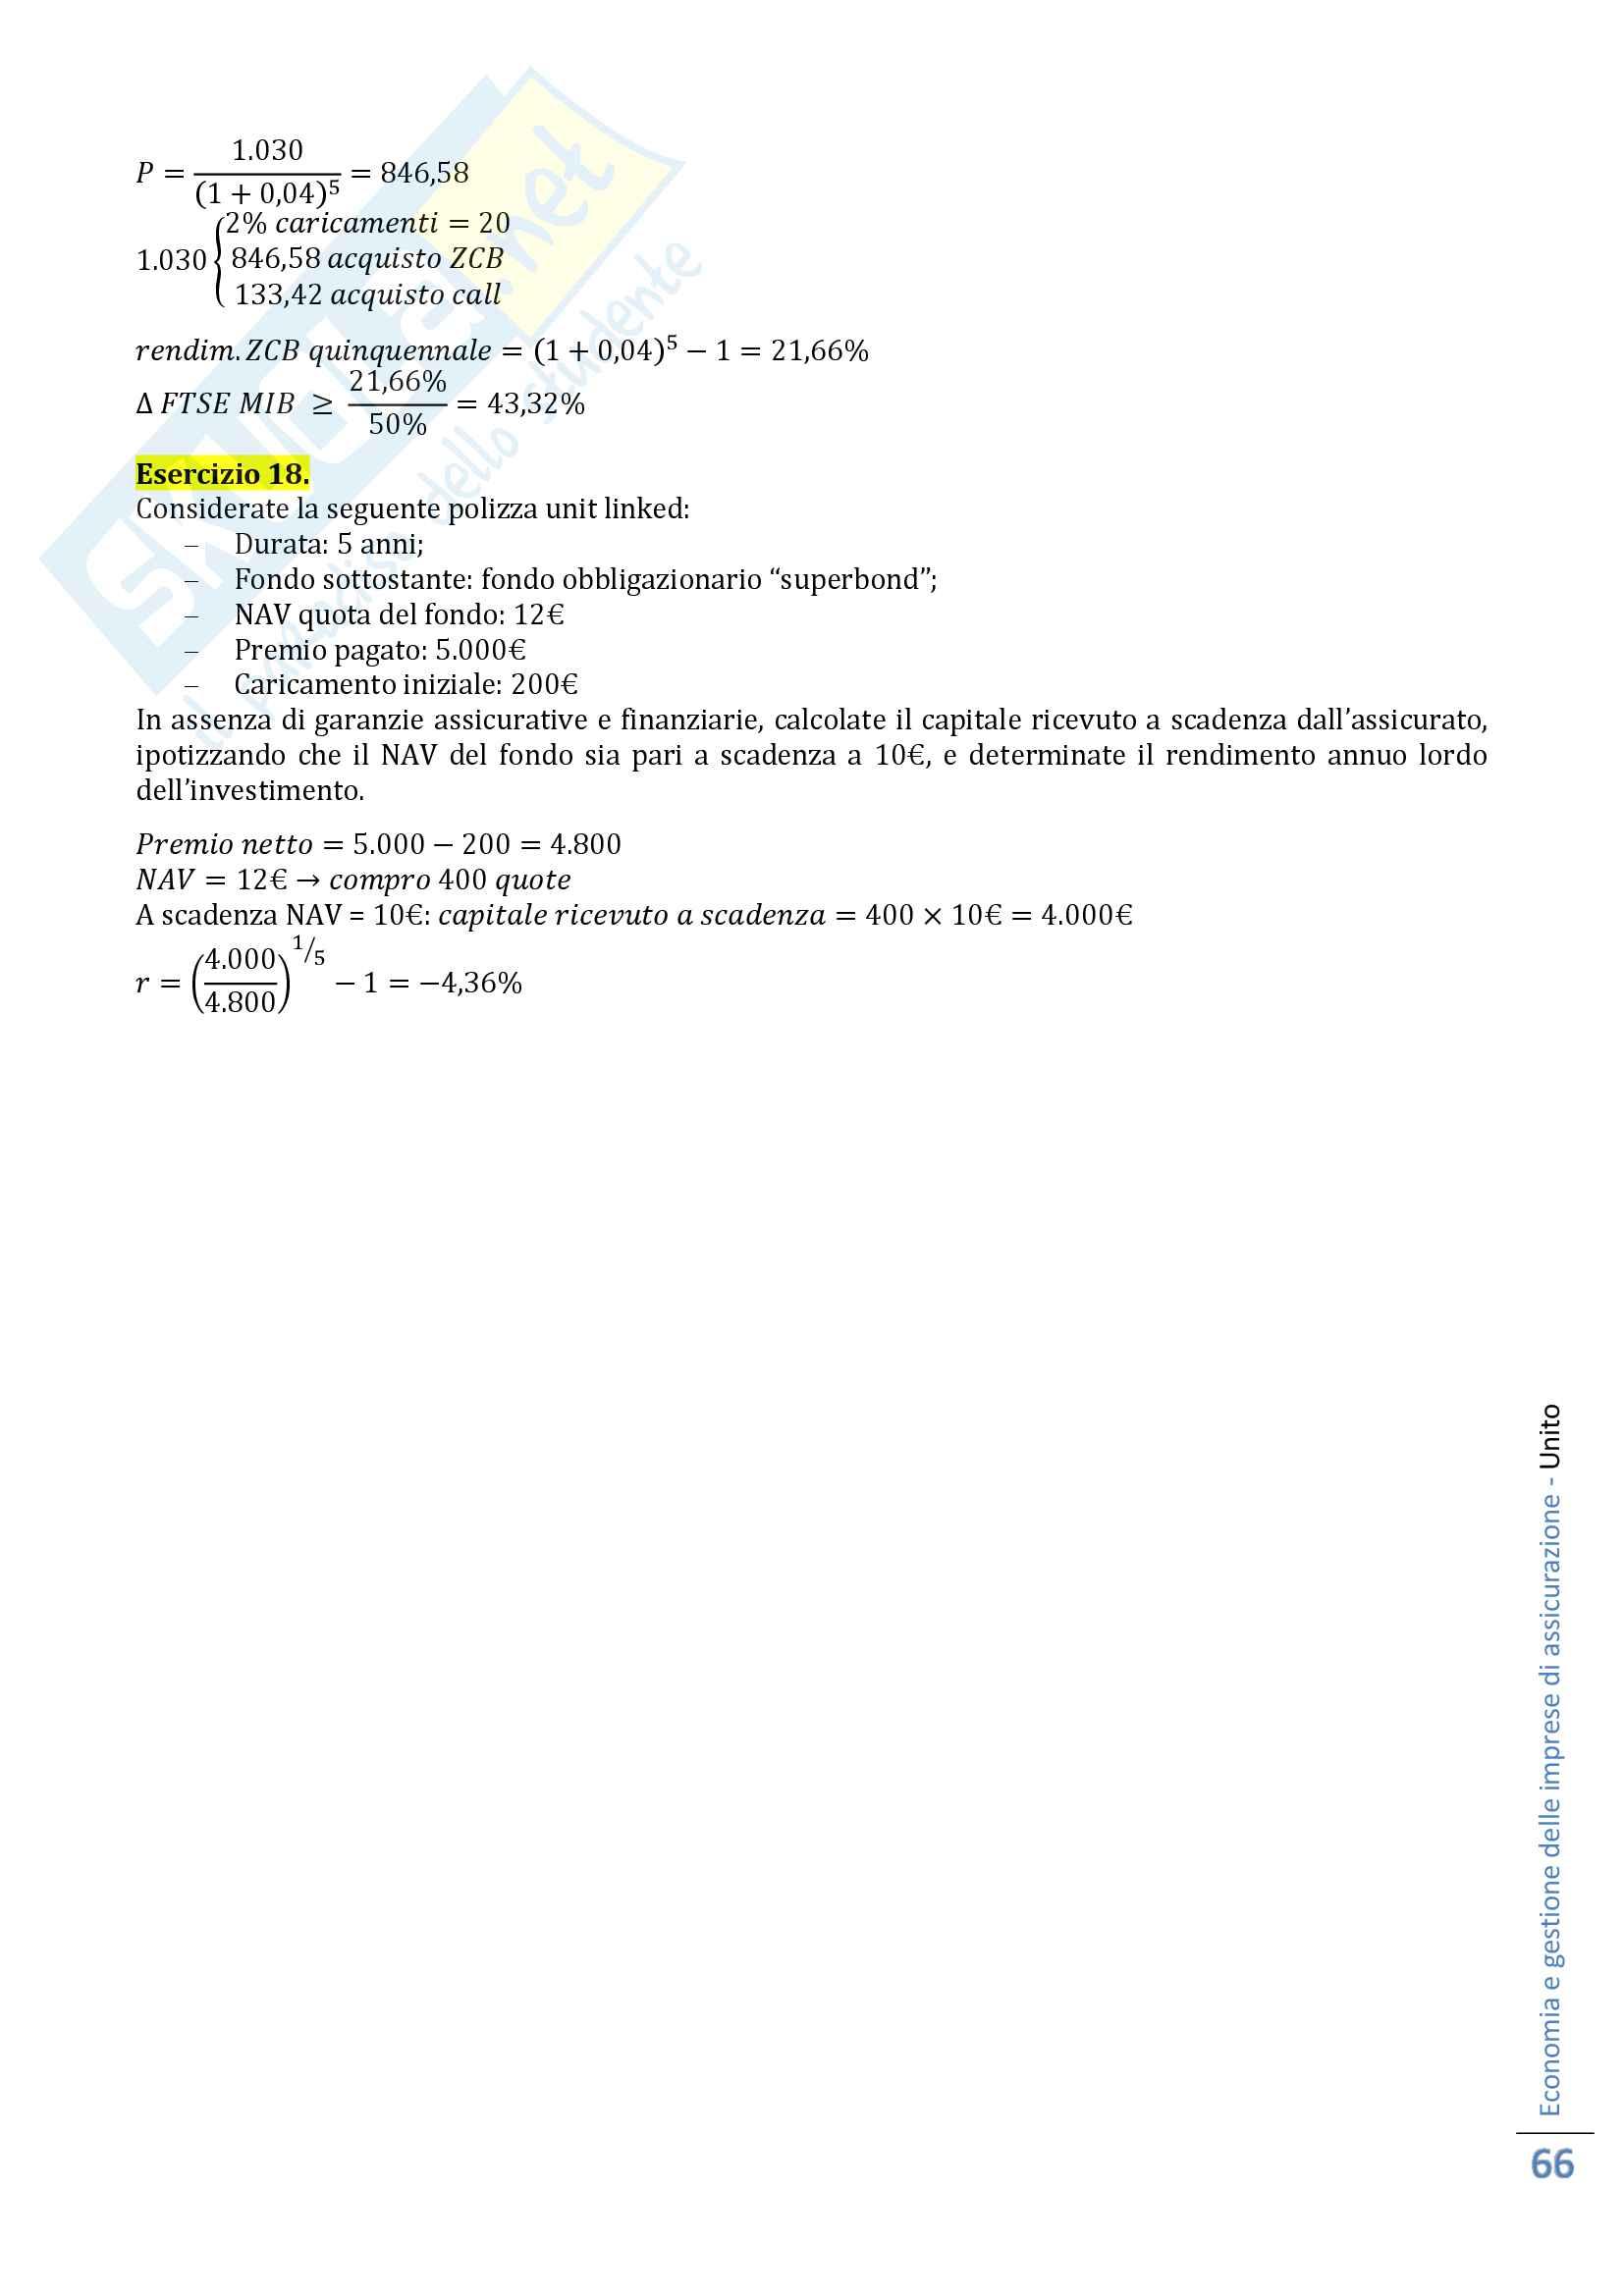 Economia e gestione delle imprese di assicurazione Pag. 66